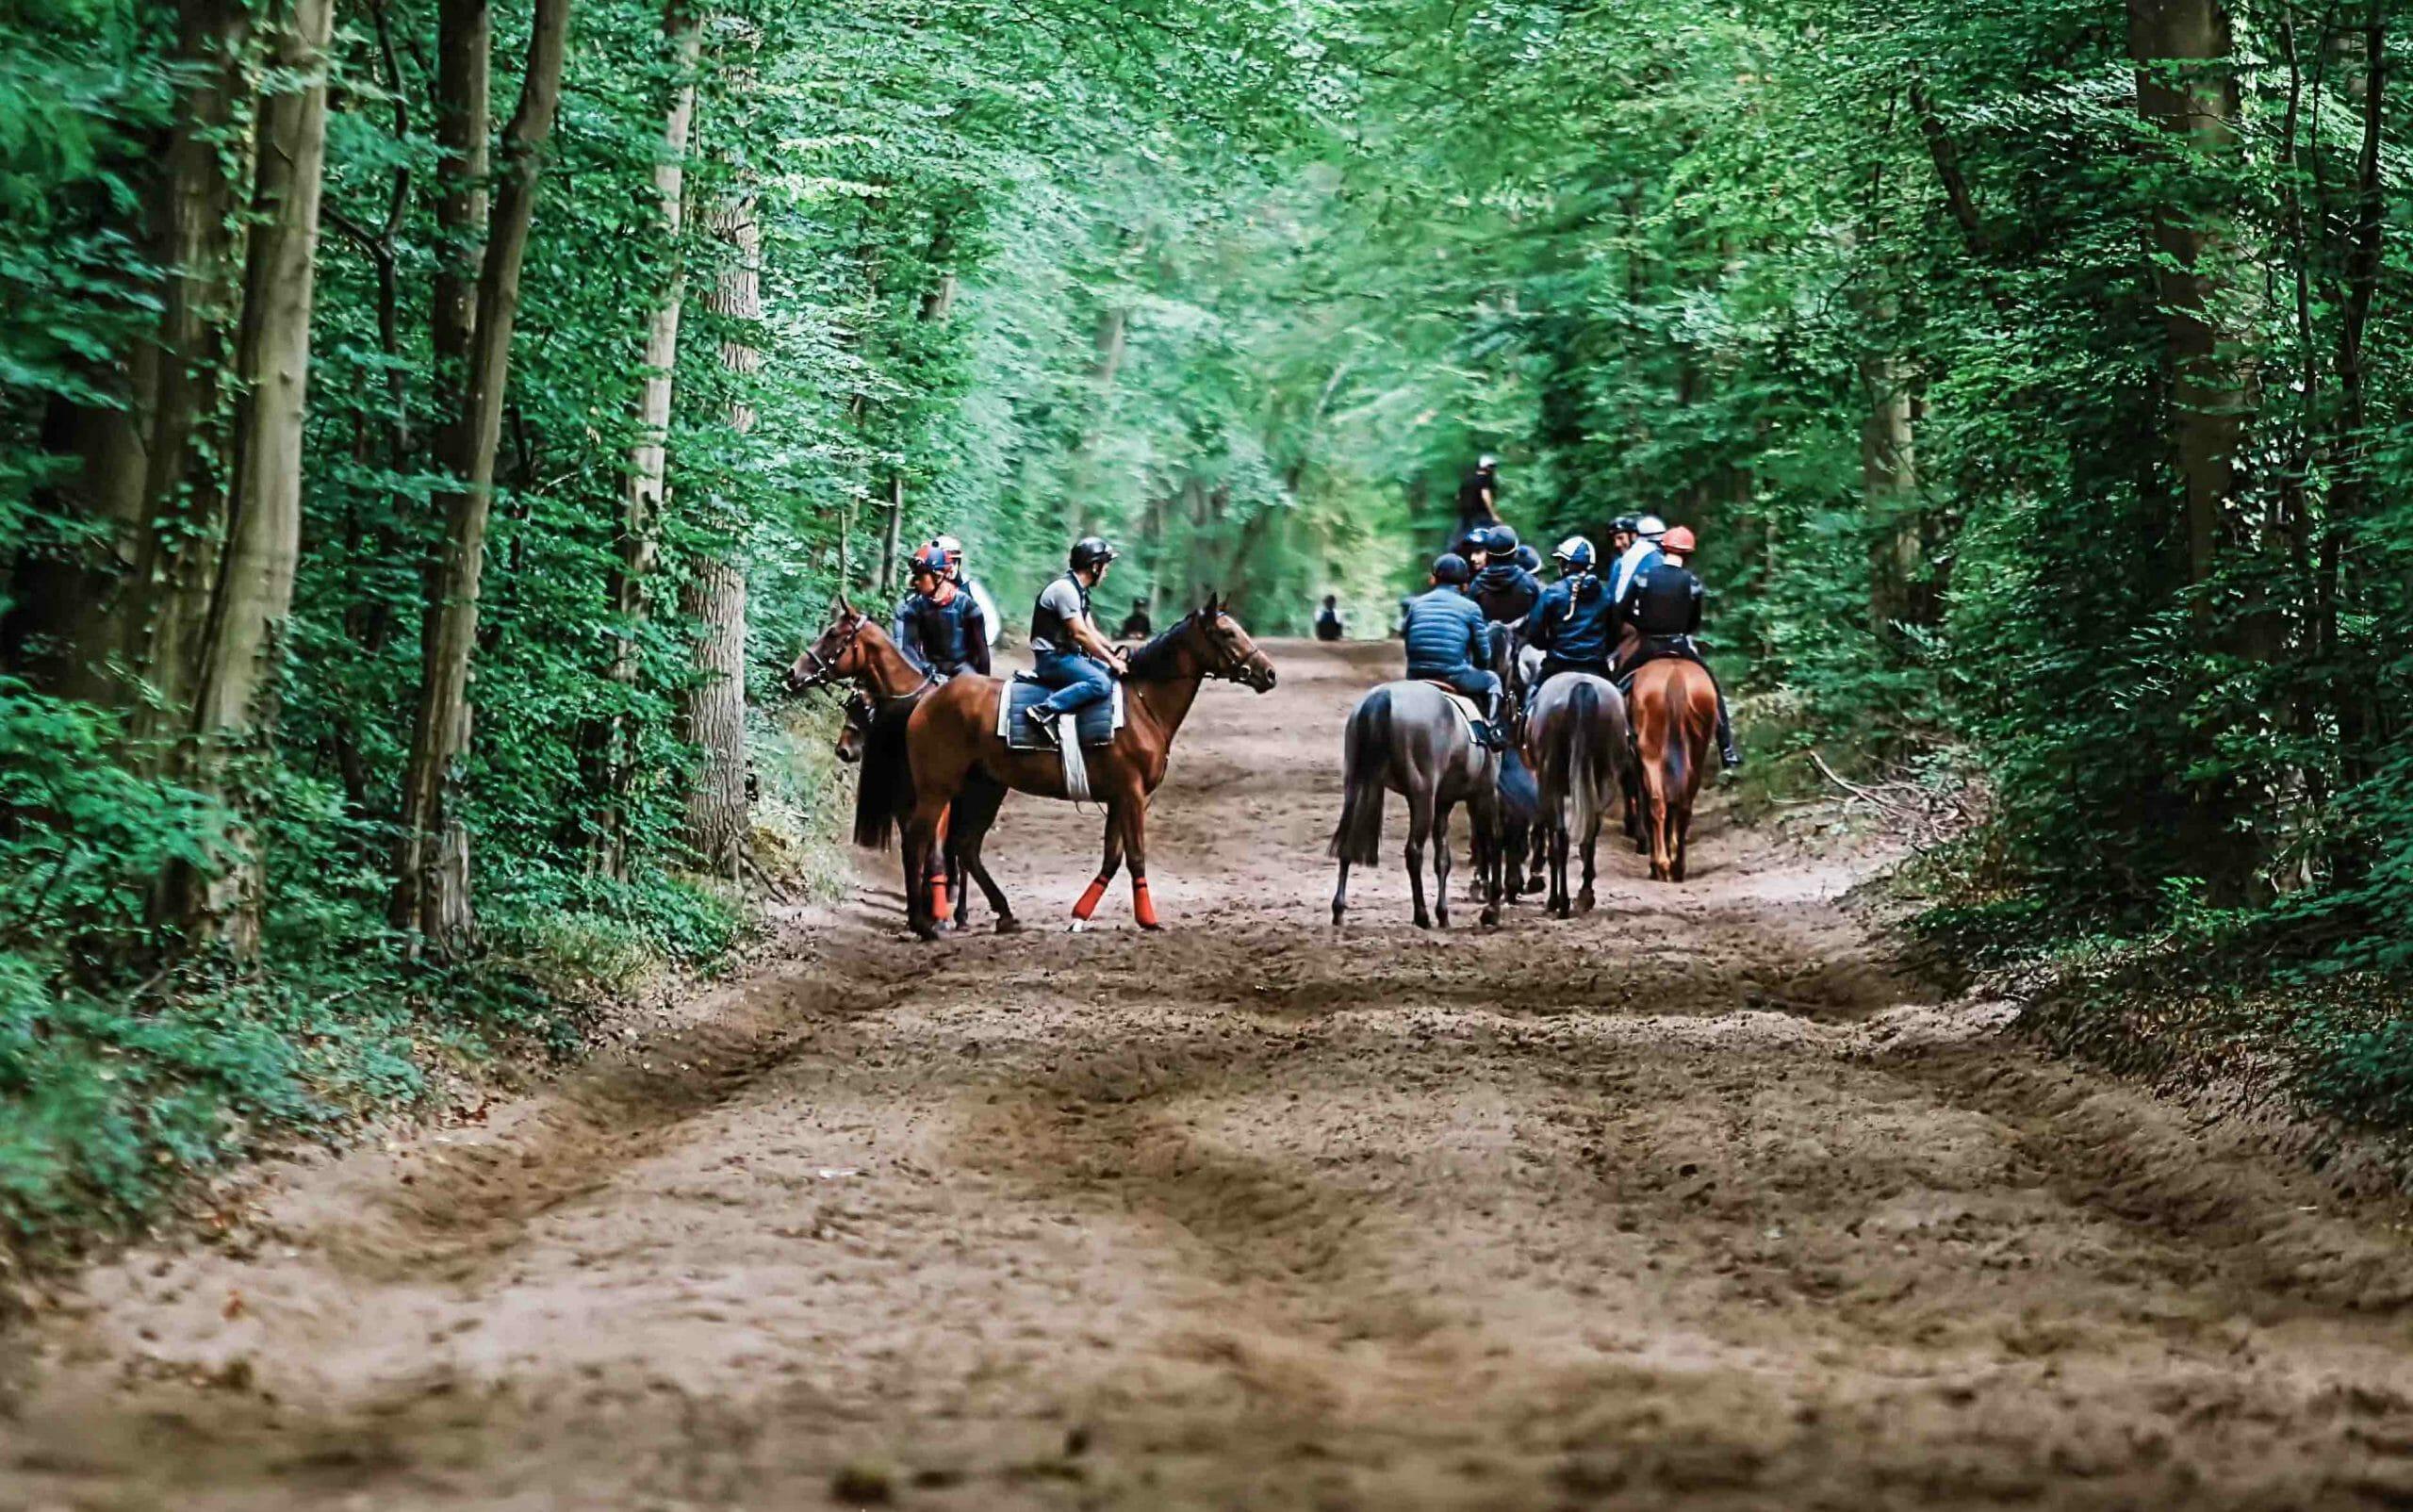 Chevaux de course à l'entraînement dans la forêt